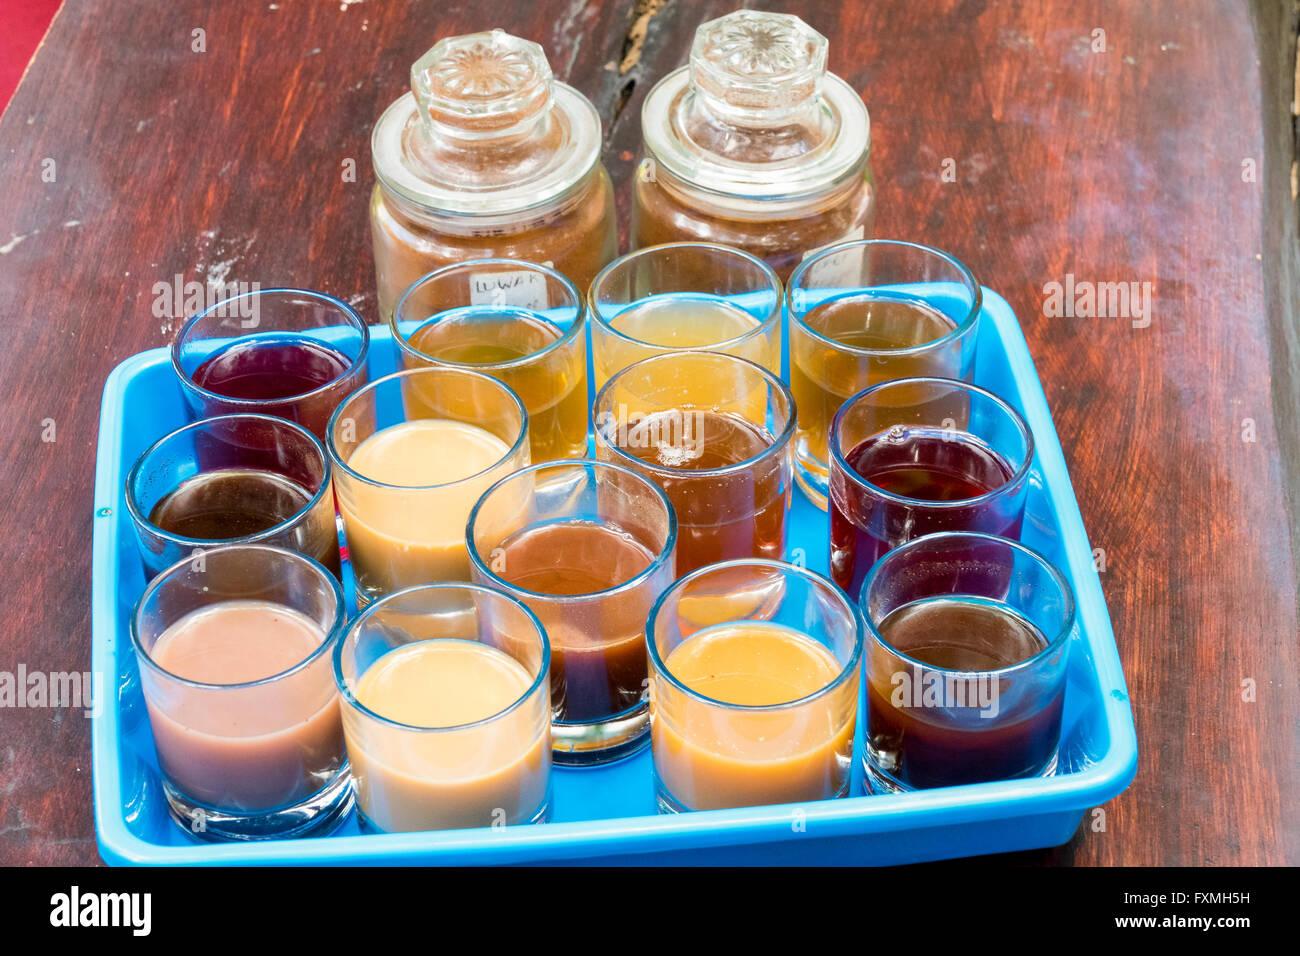 Coffee Cupping, Ubud, Bali, Indonesia - Stock Image